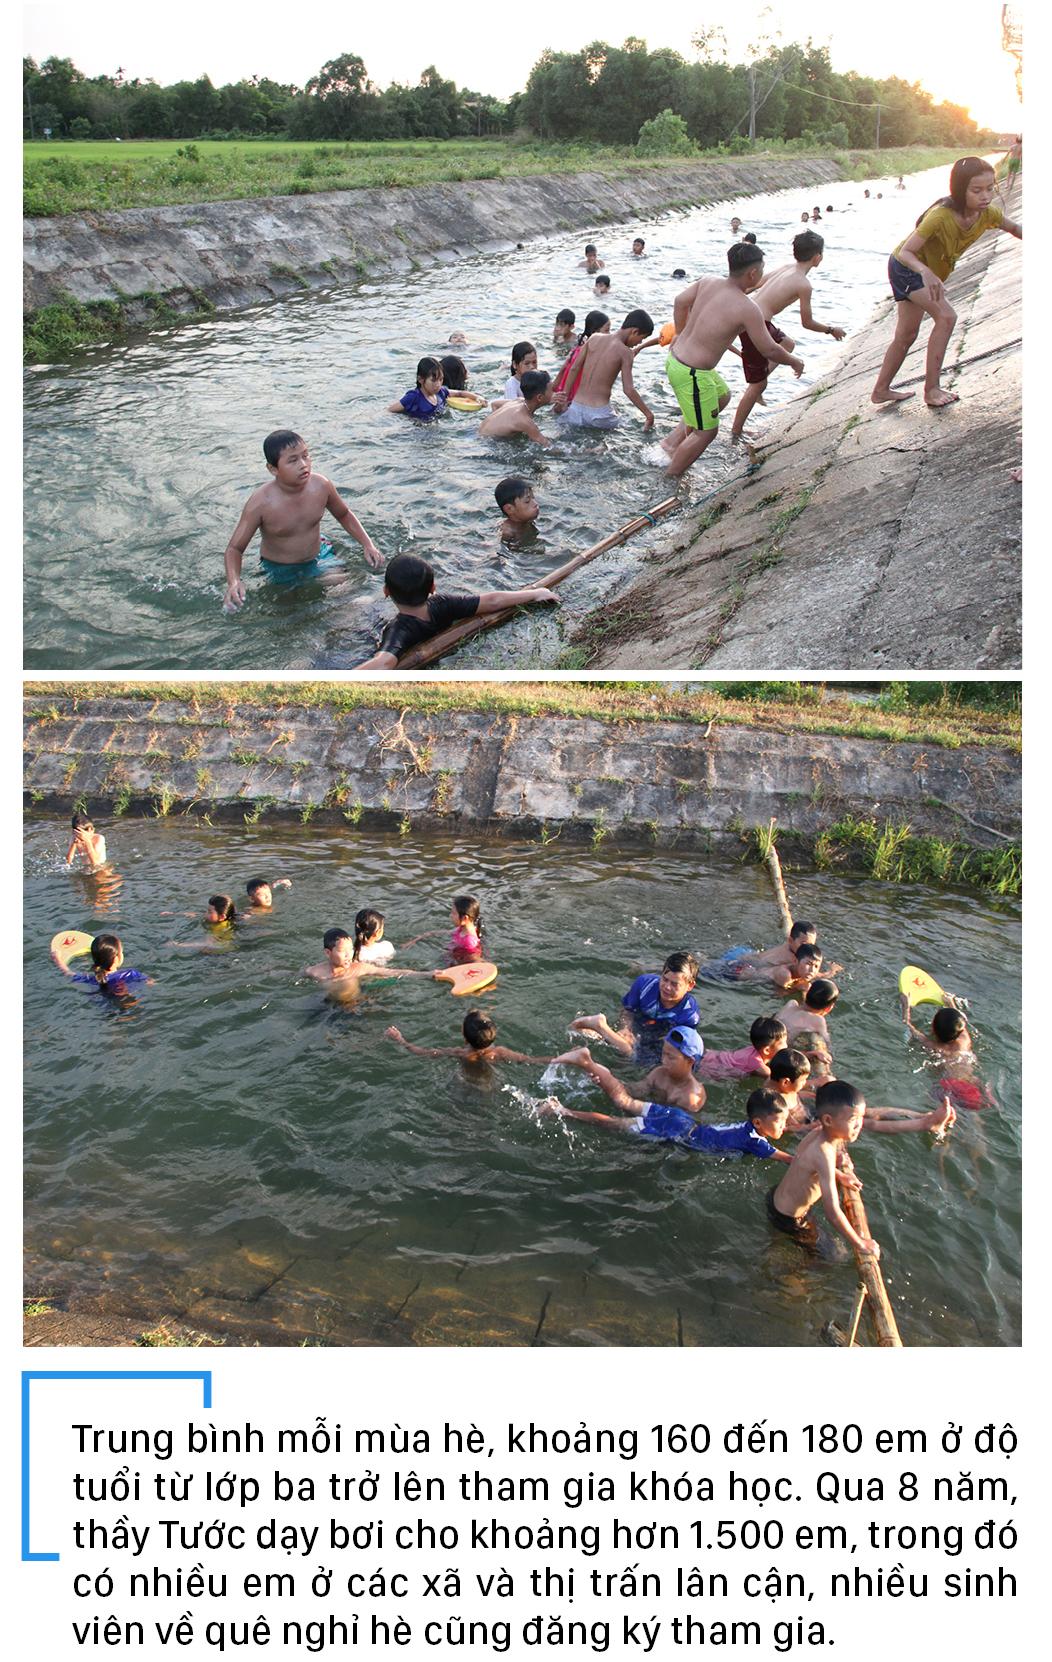 Thầy giáo 'nắn' dòng kênh thủy lợi mở lớp dạy bơi miễn phí ảnh 17